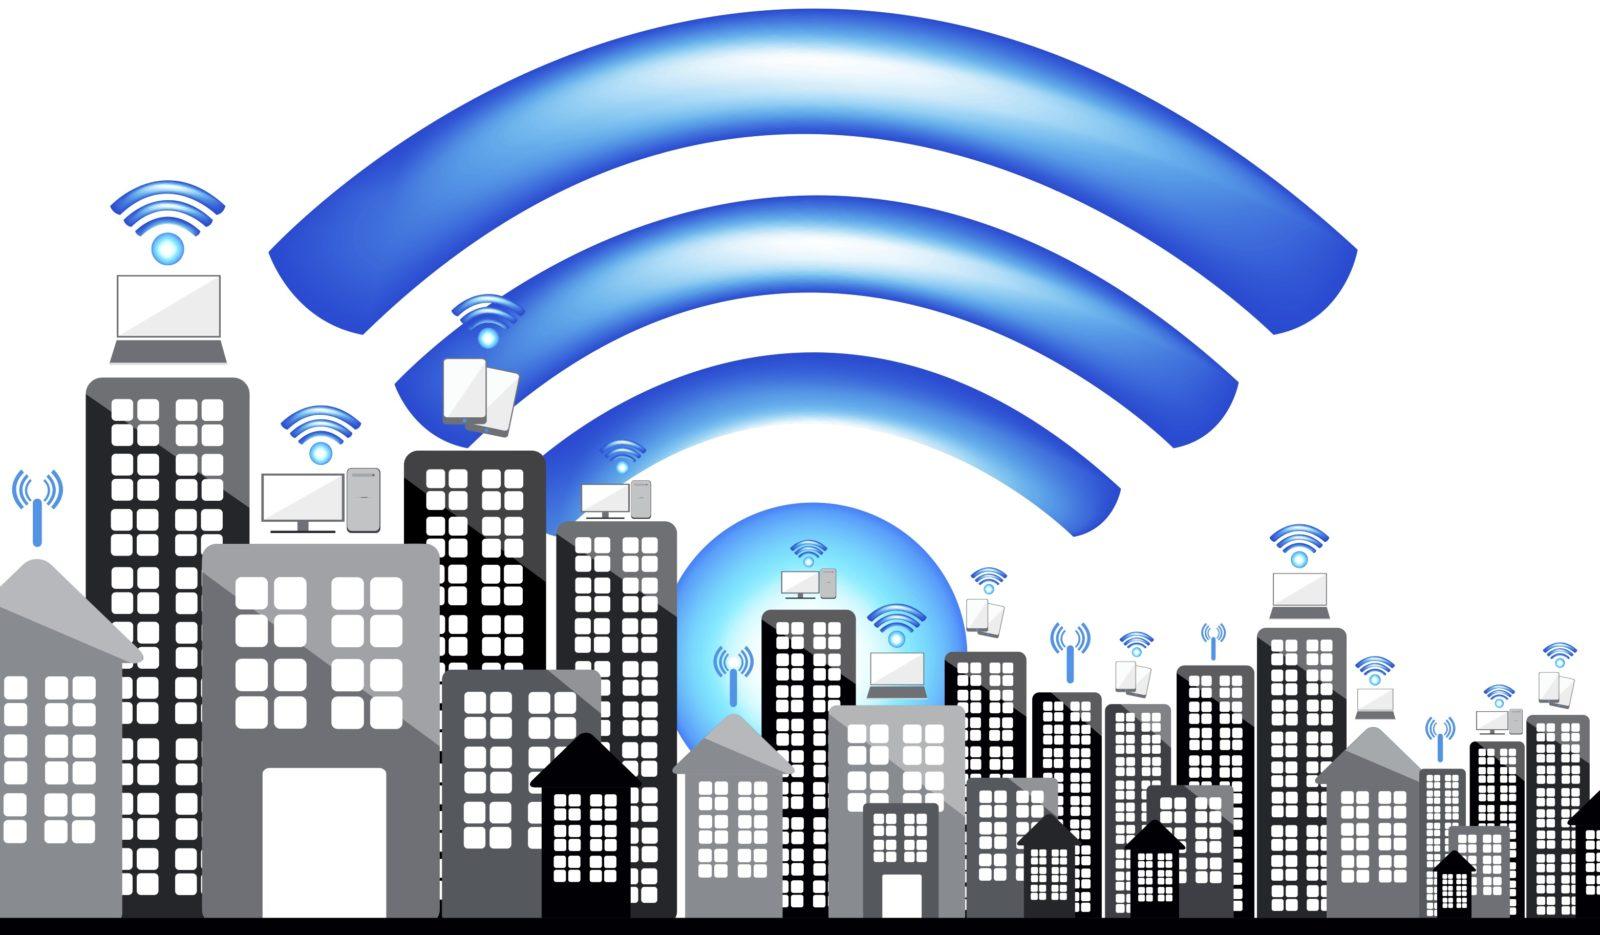 Wifi a raggi infrarossi: progettato un sistema per connessioni a 40 gbps